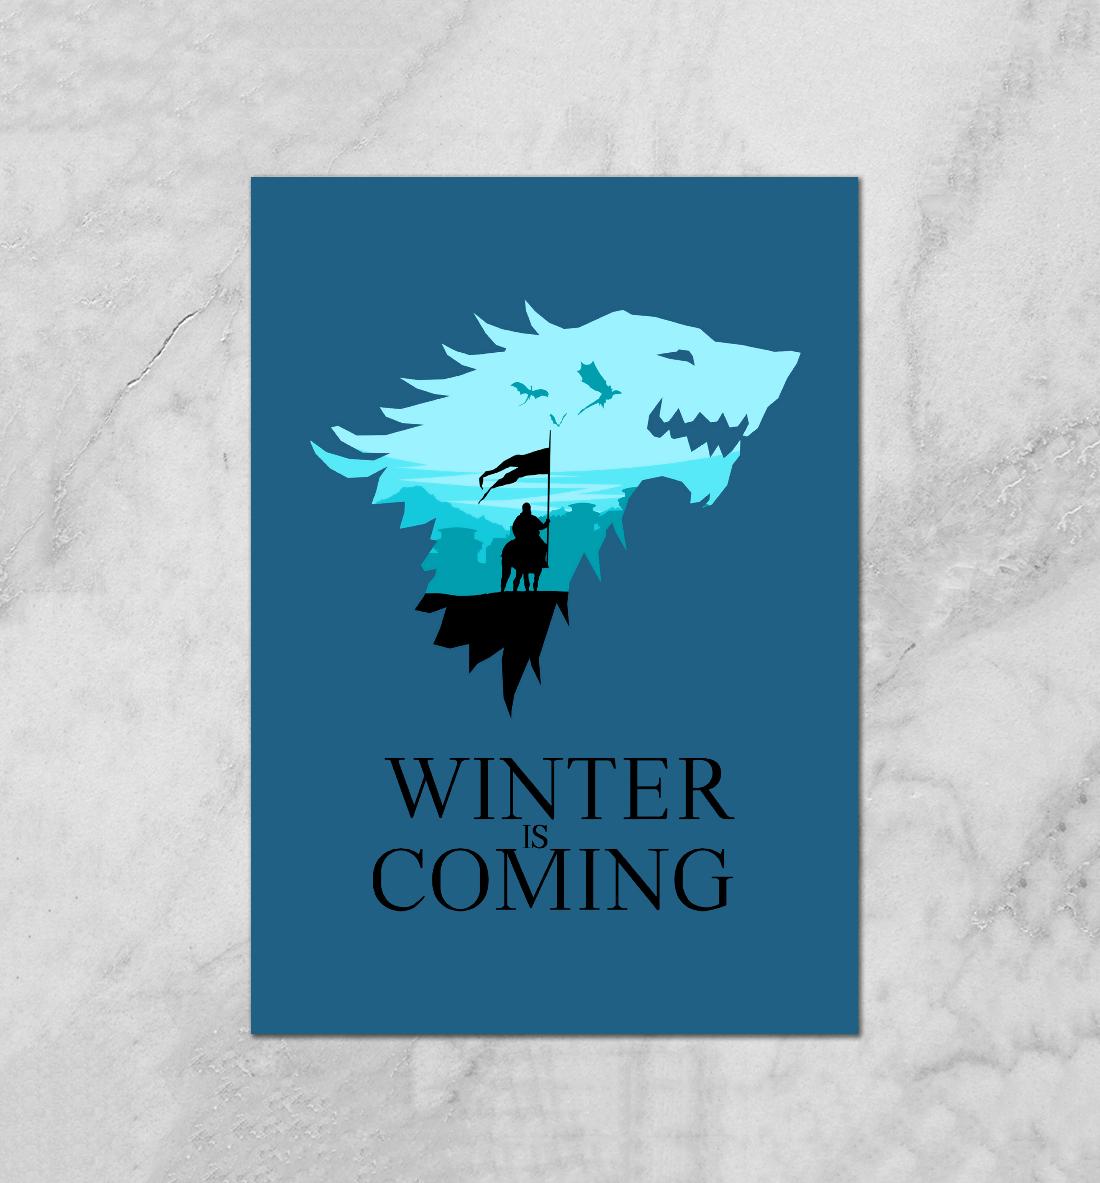 Купить Старки / Зима близко, Printbar, Плакаты, IGR-975359-plk